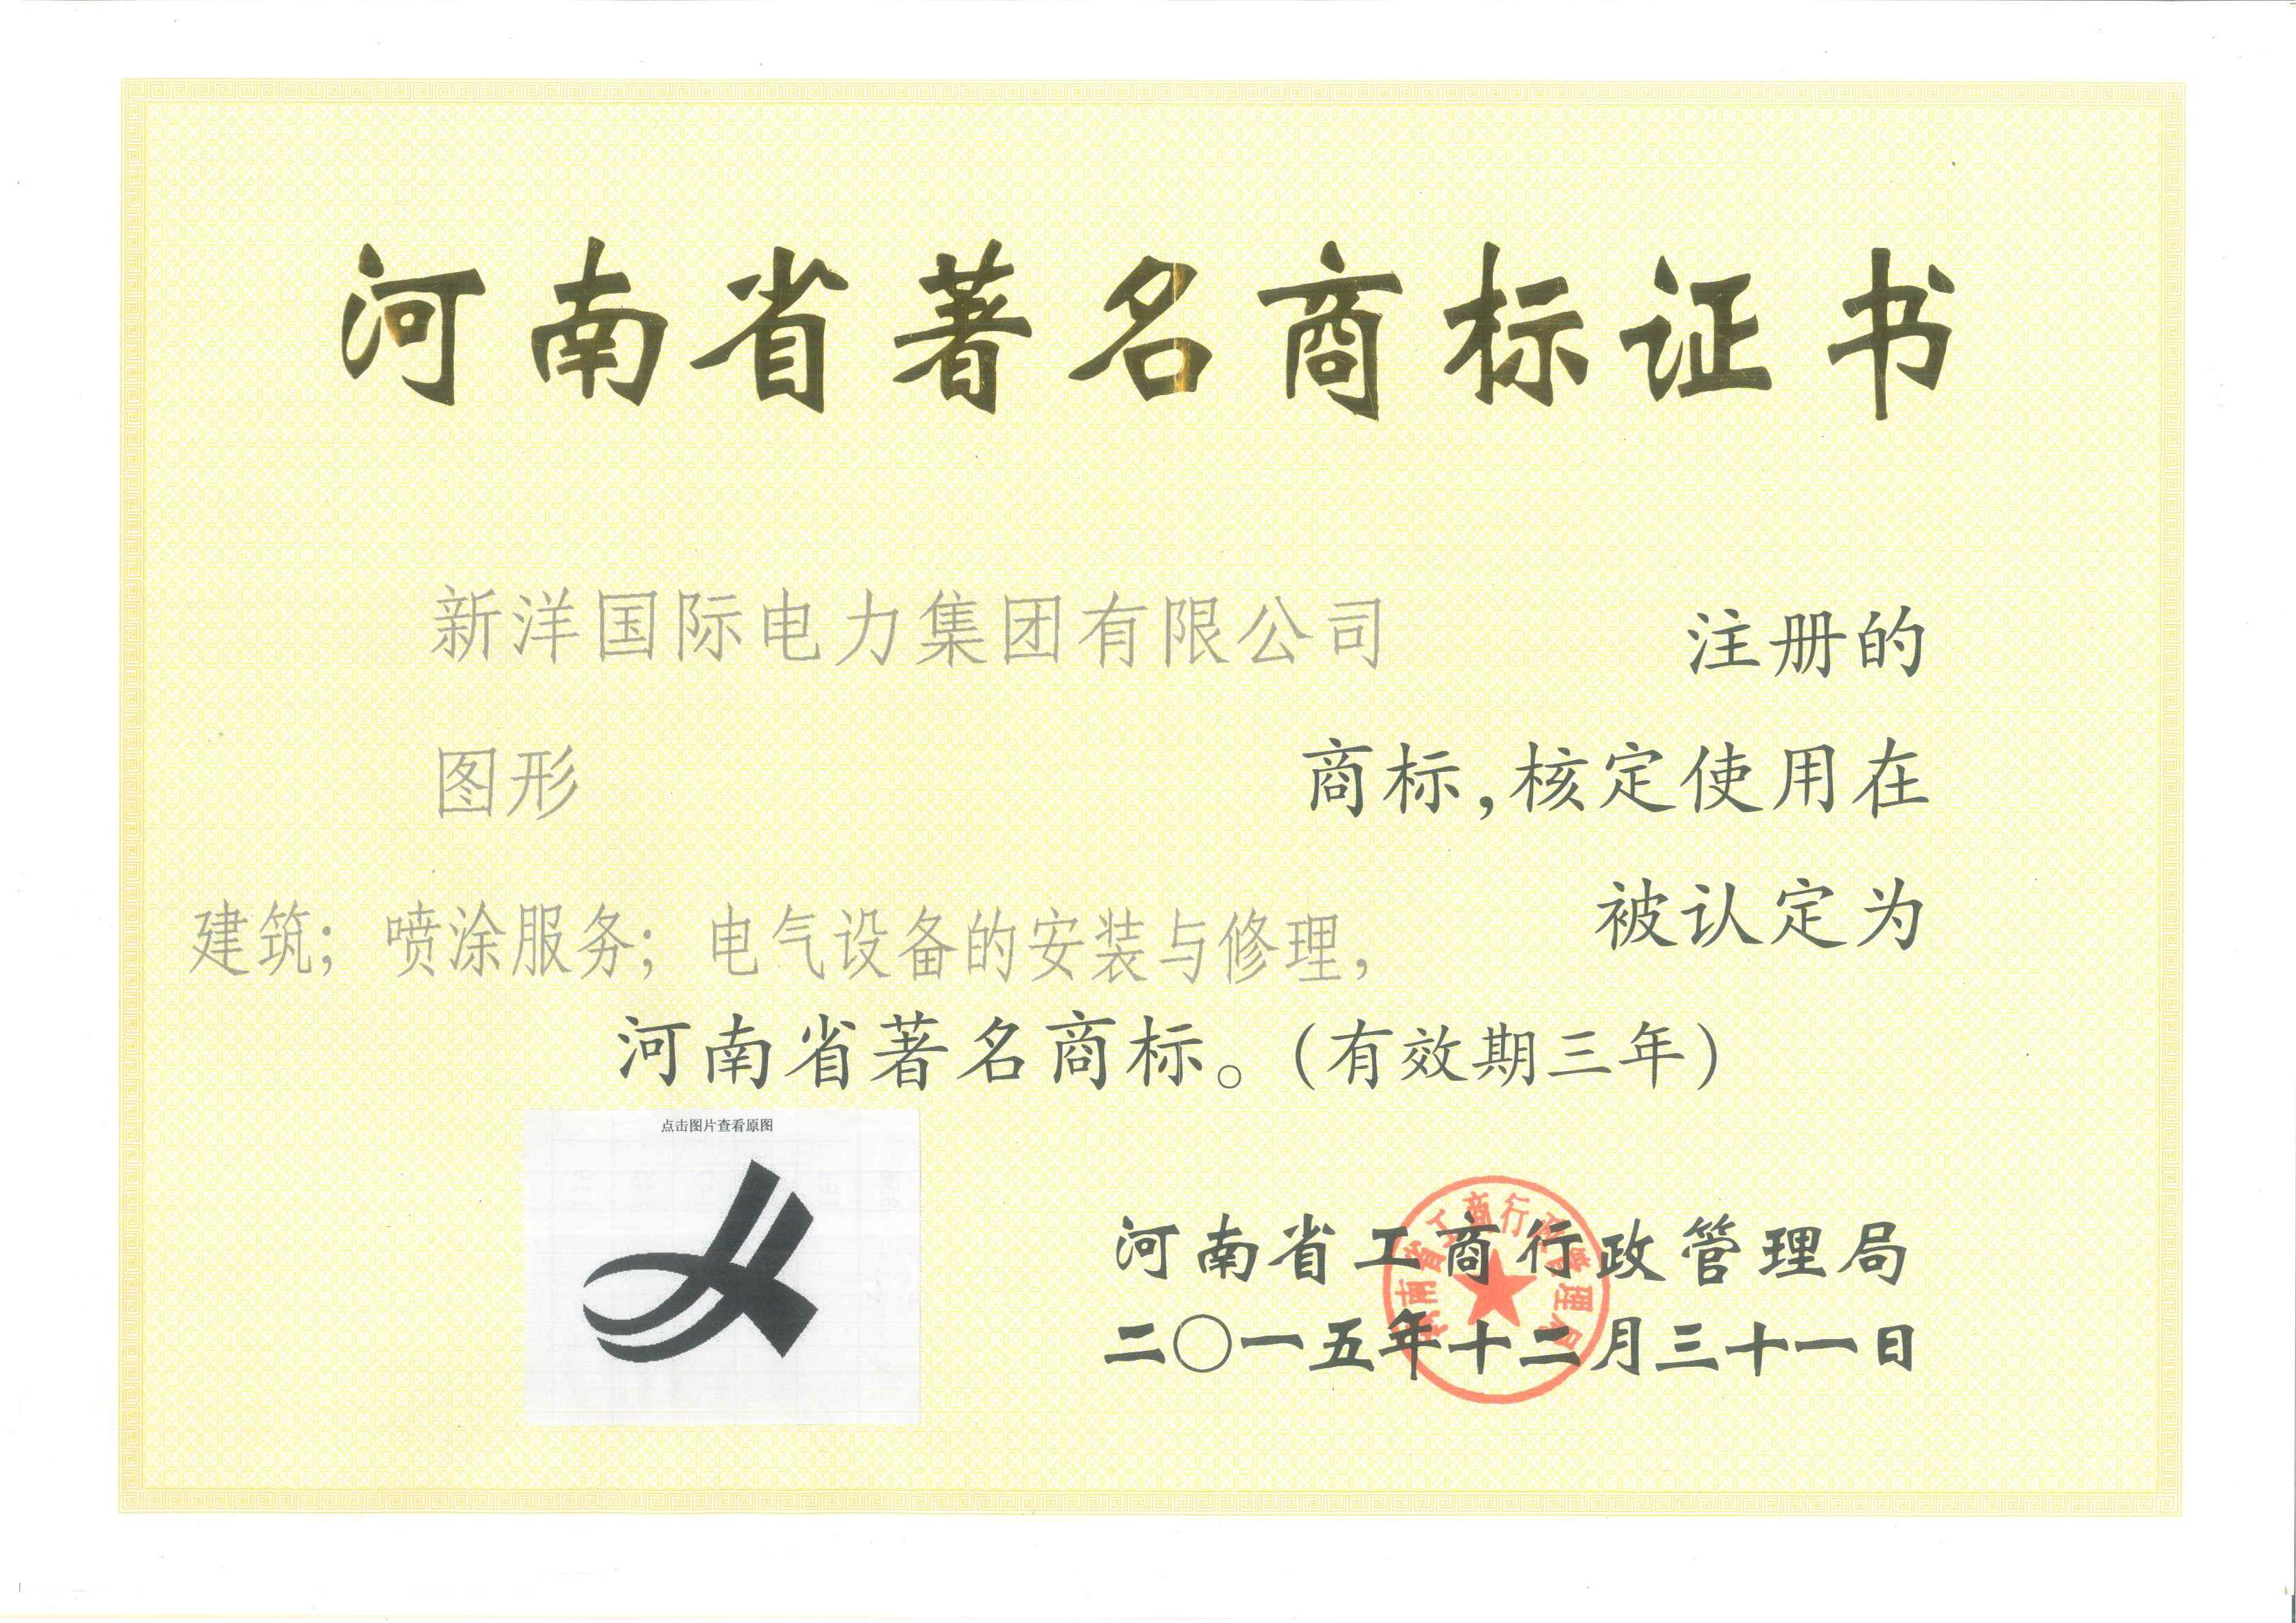 集團公司河南省著名商標